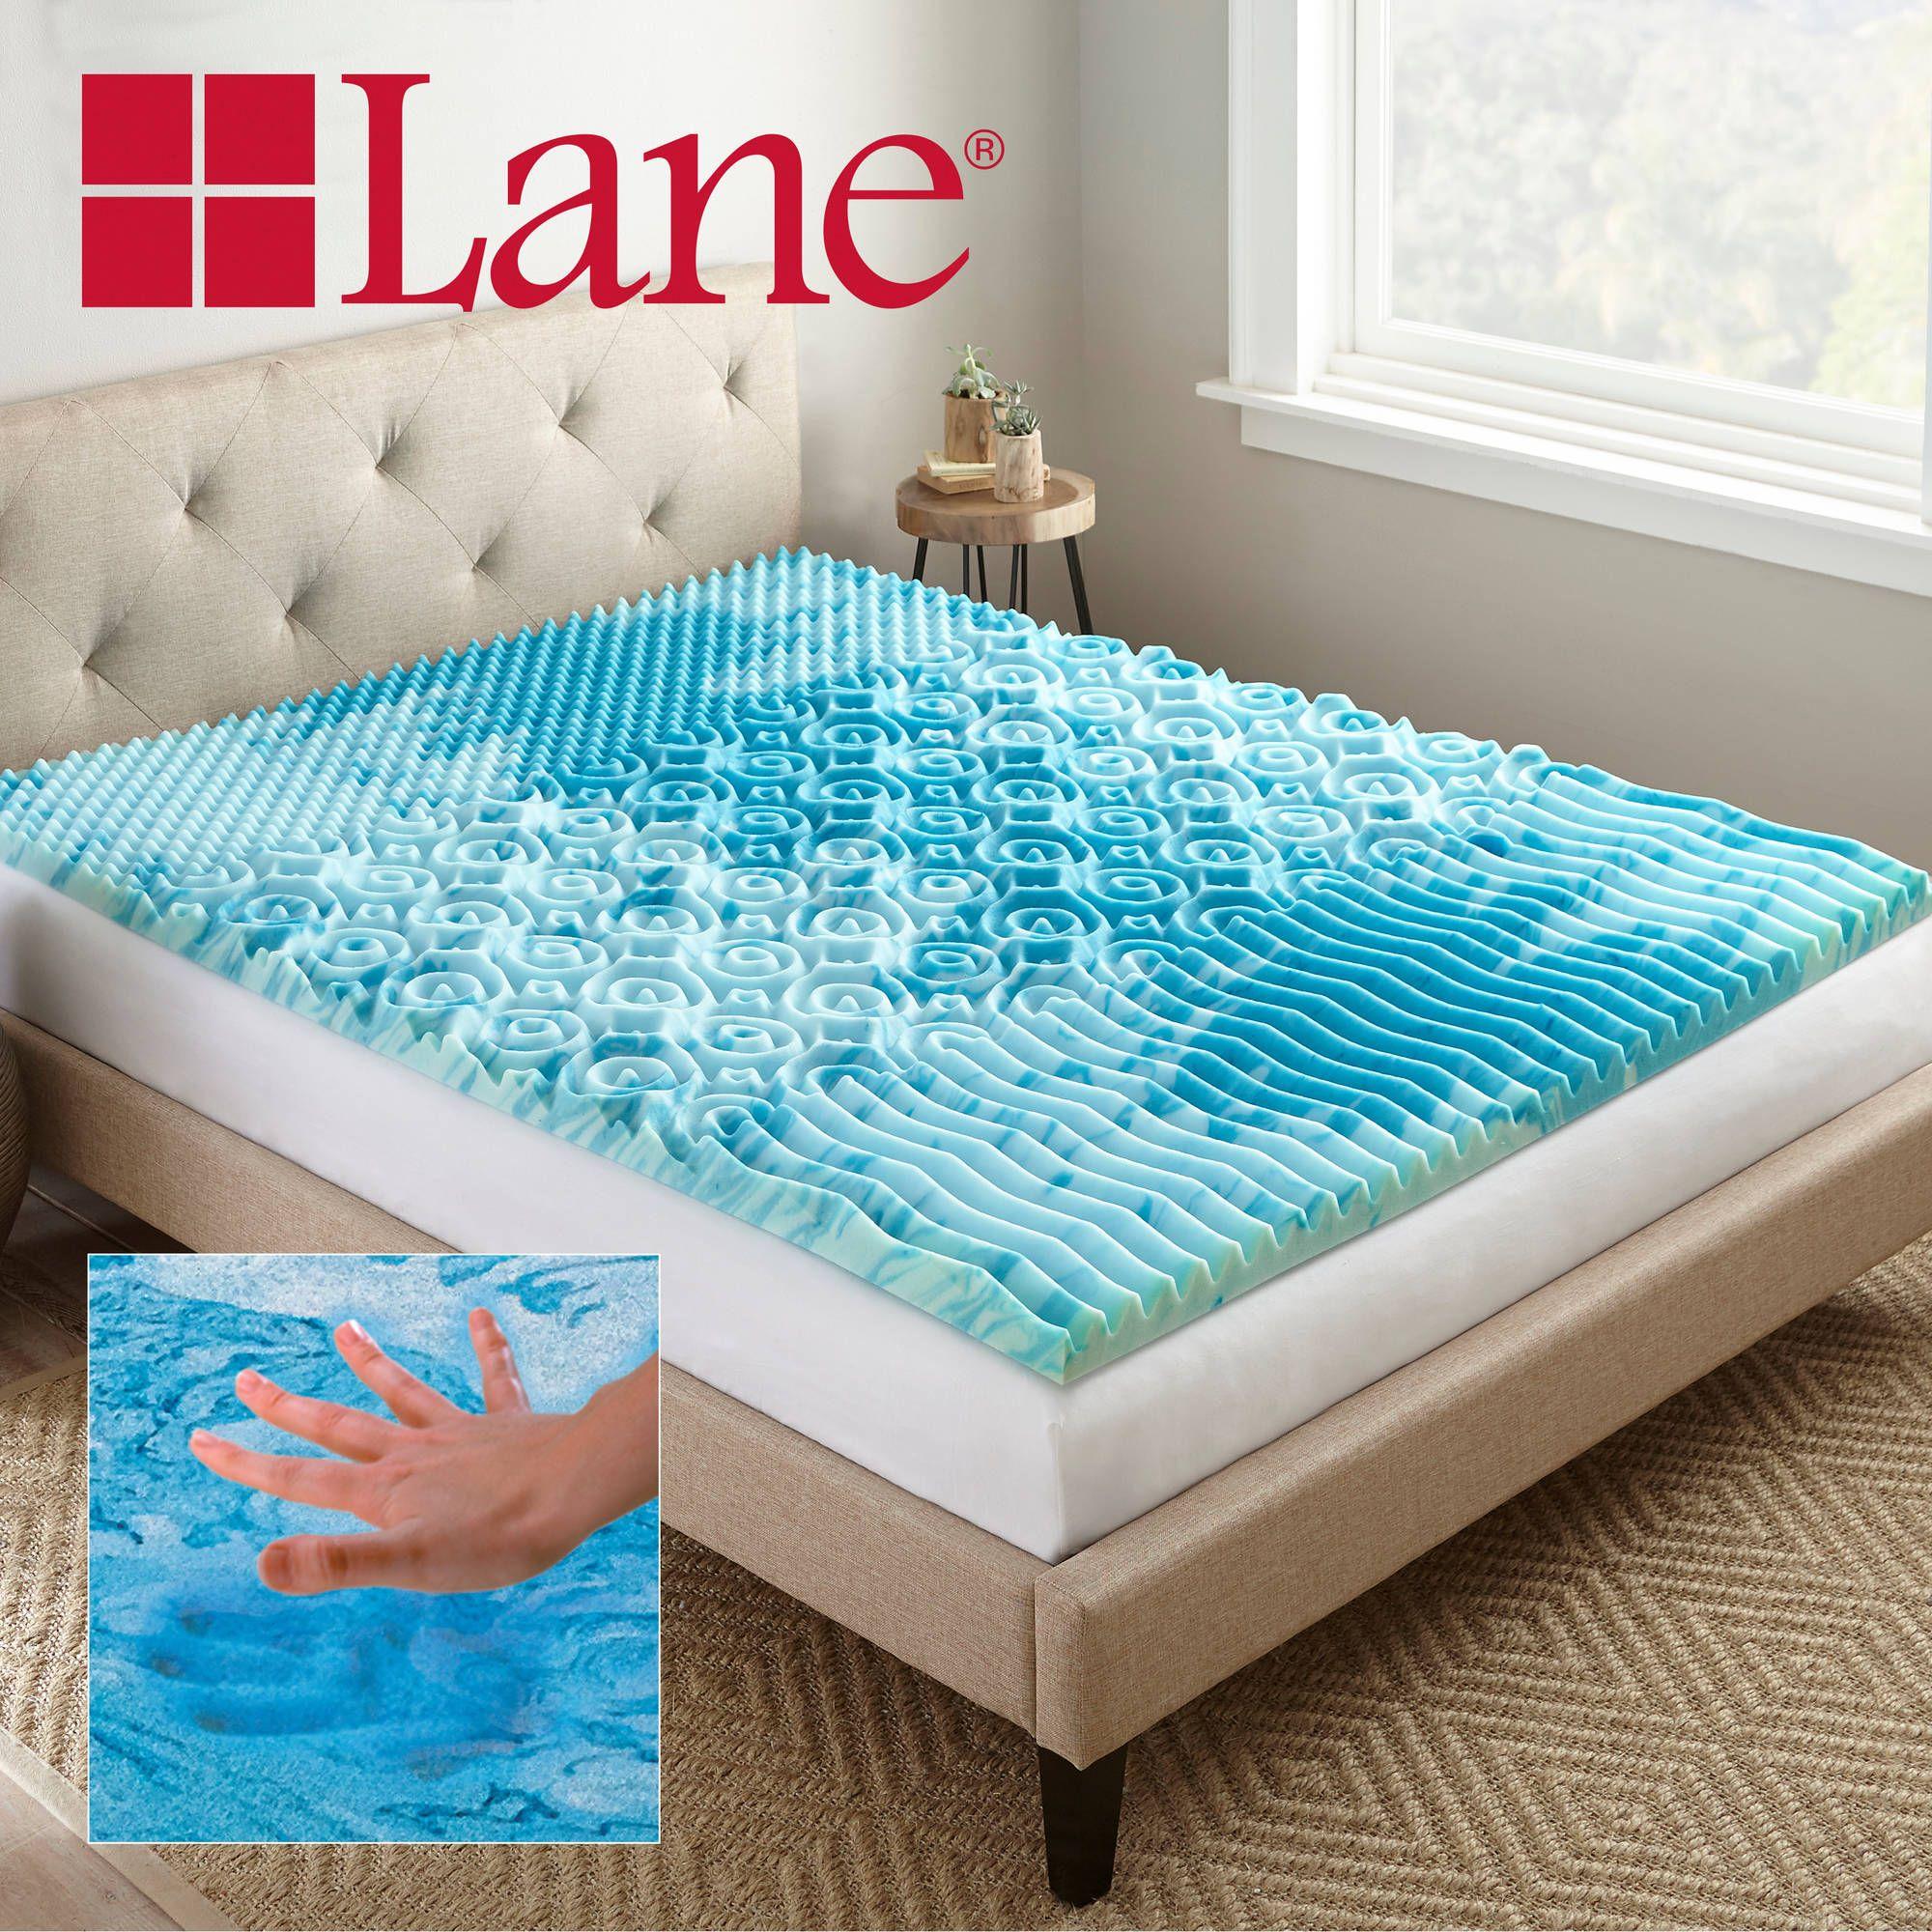 lane 2 cooling gellux memory foam gel mattress topper multiple